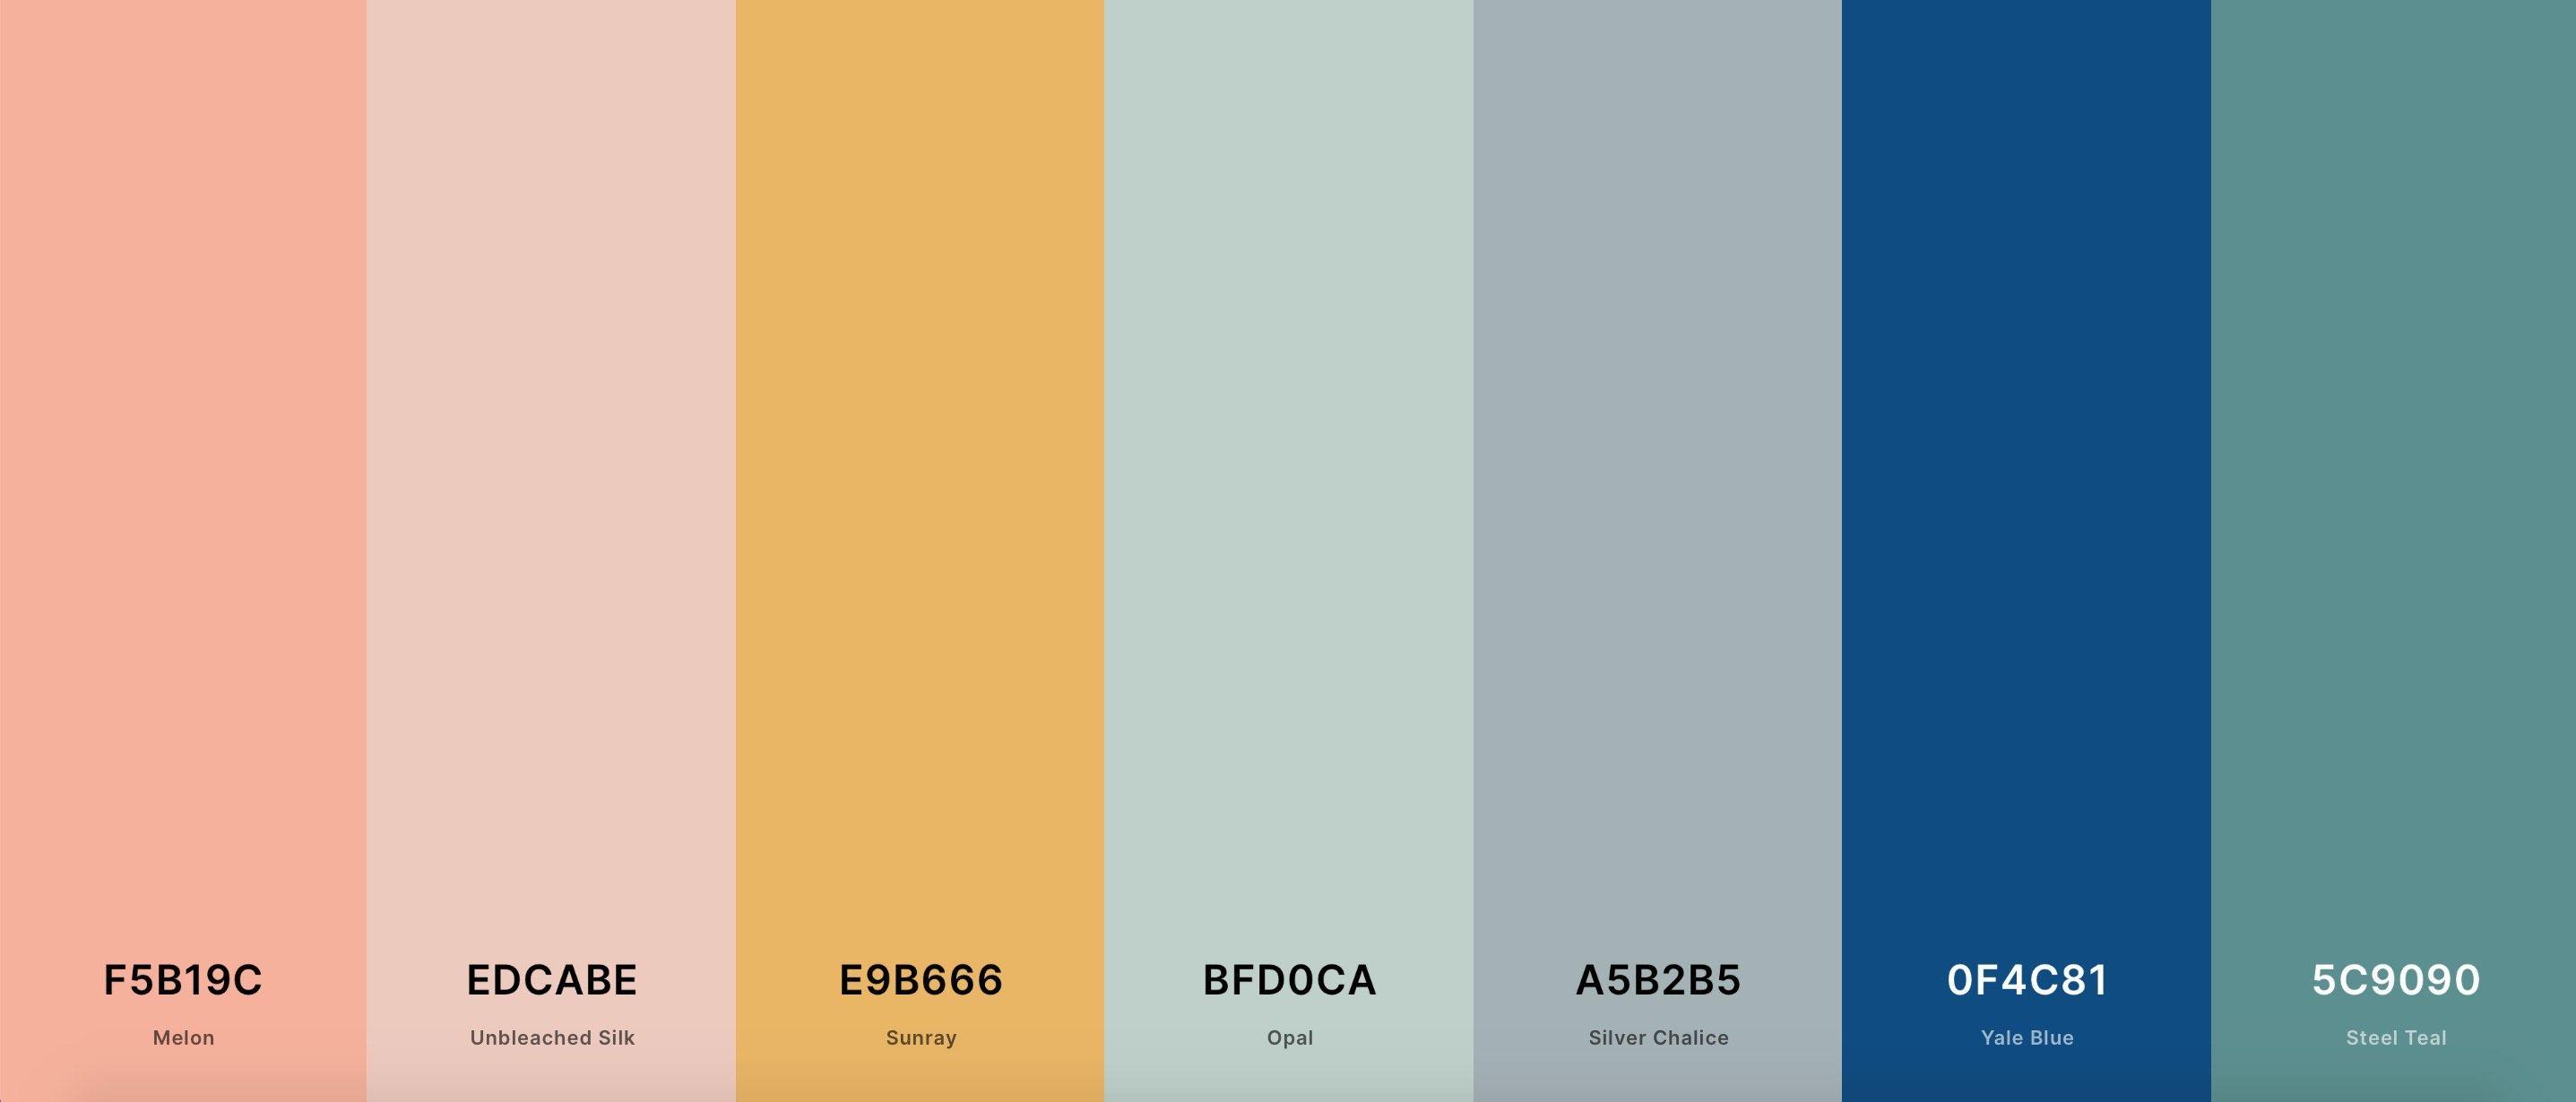 2020-2021 color palette